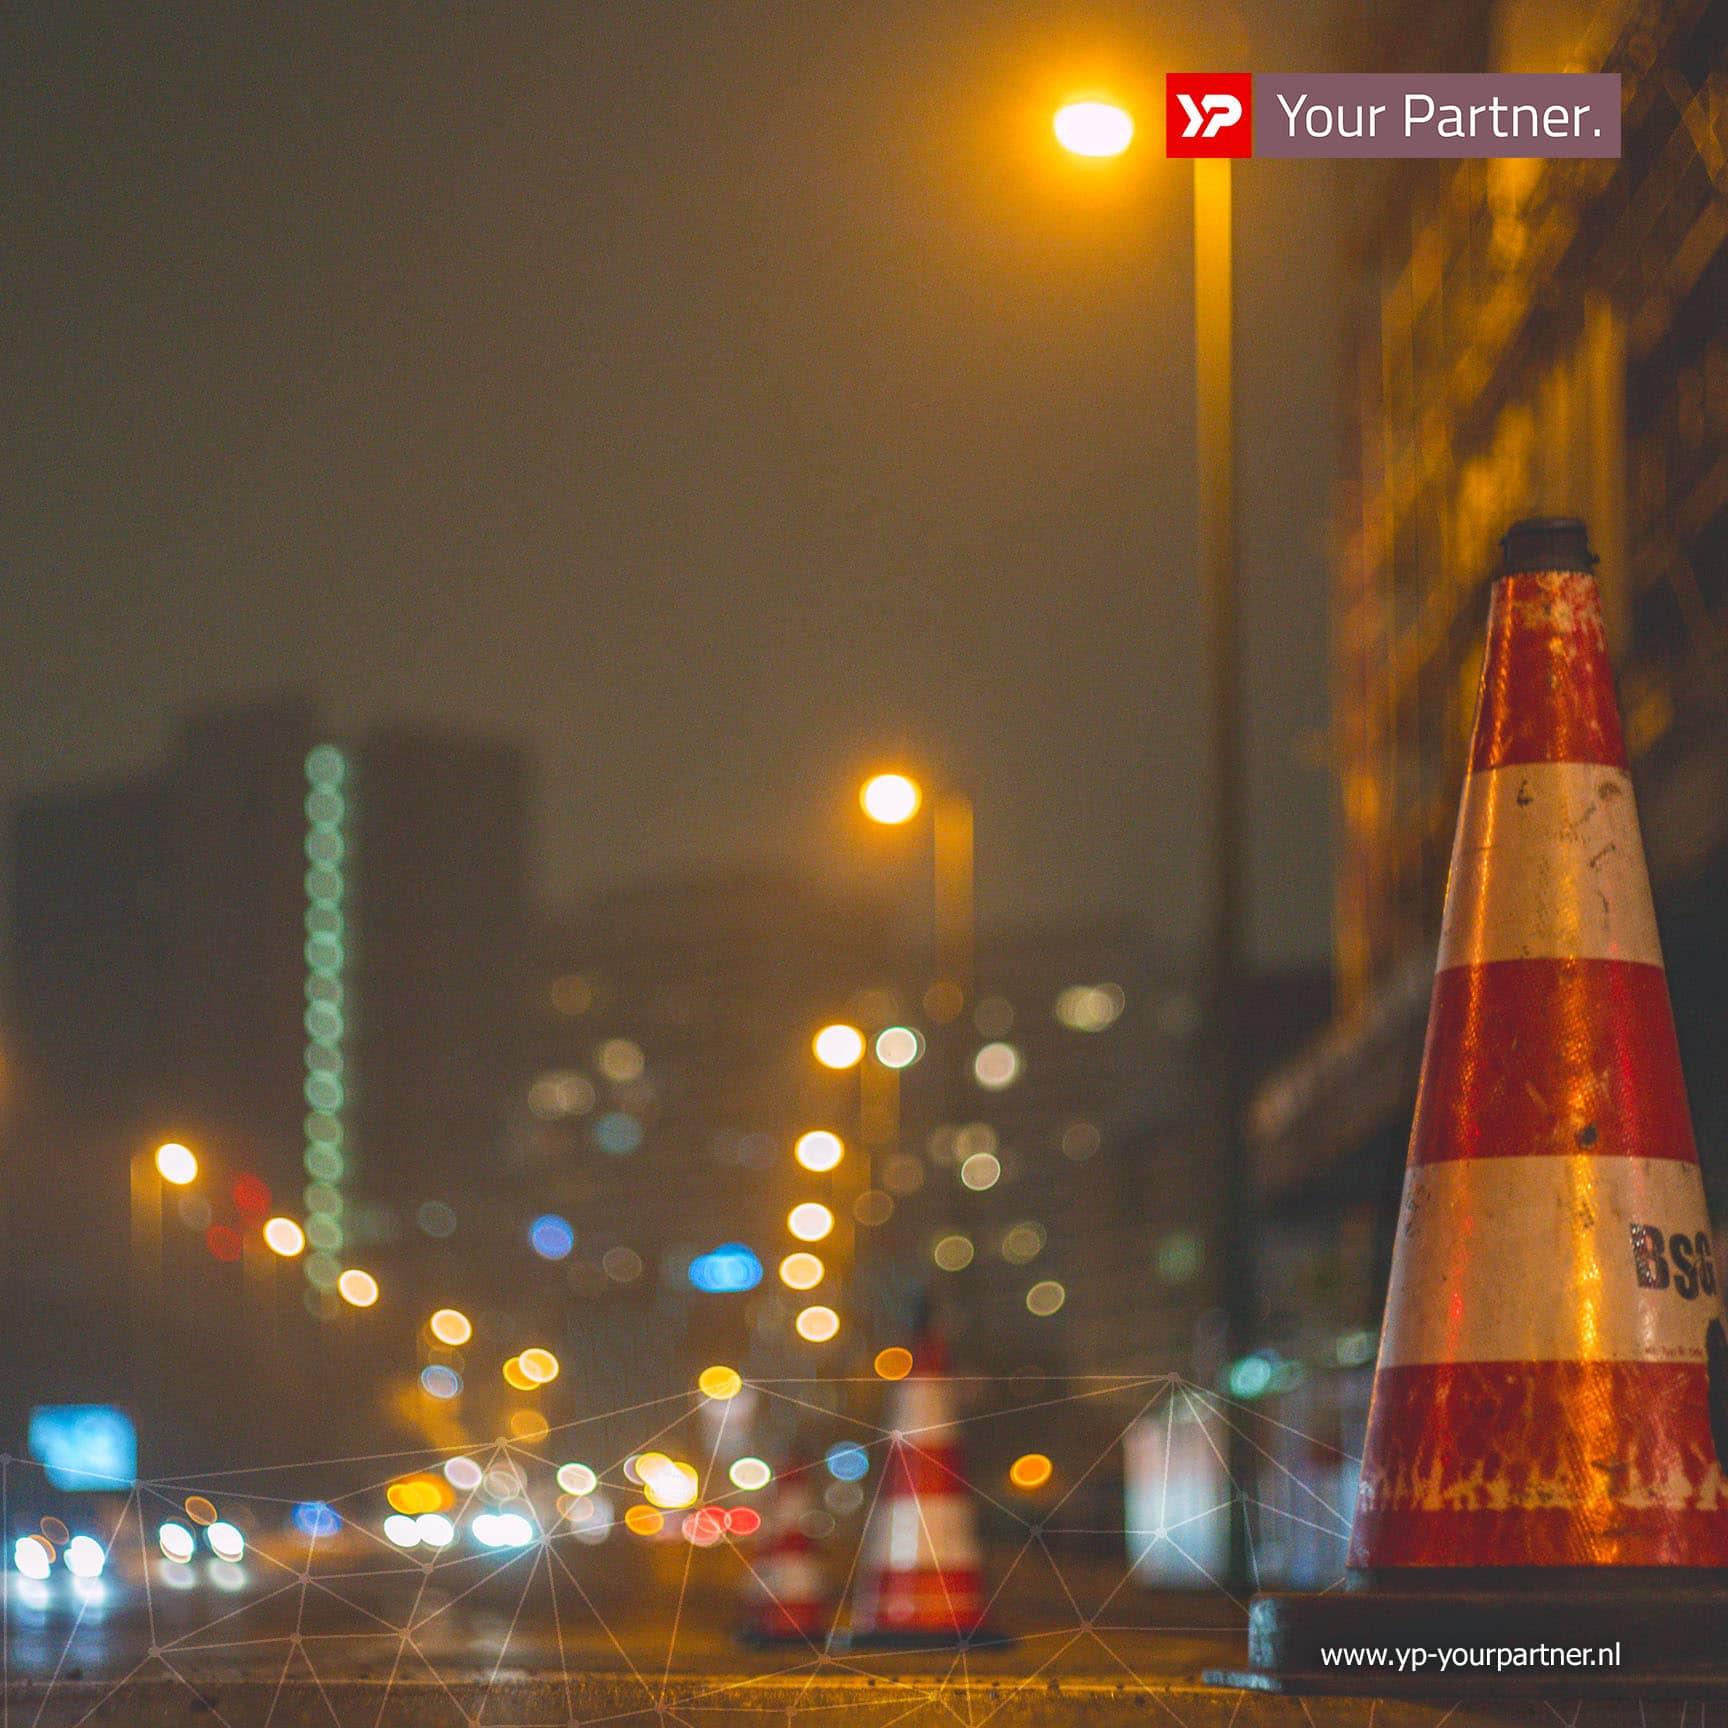 Veilig op de weg door C.A.R.S monitoring